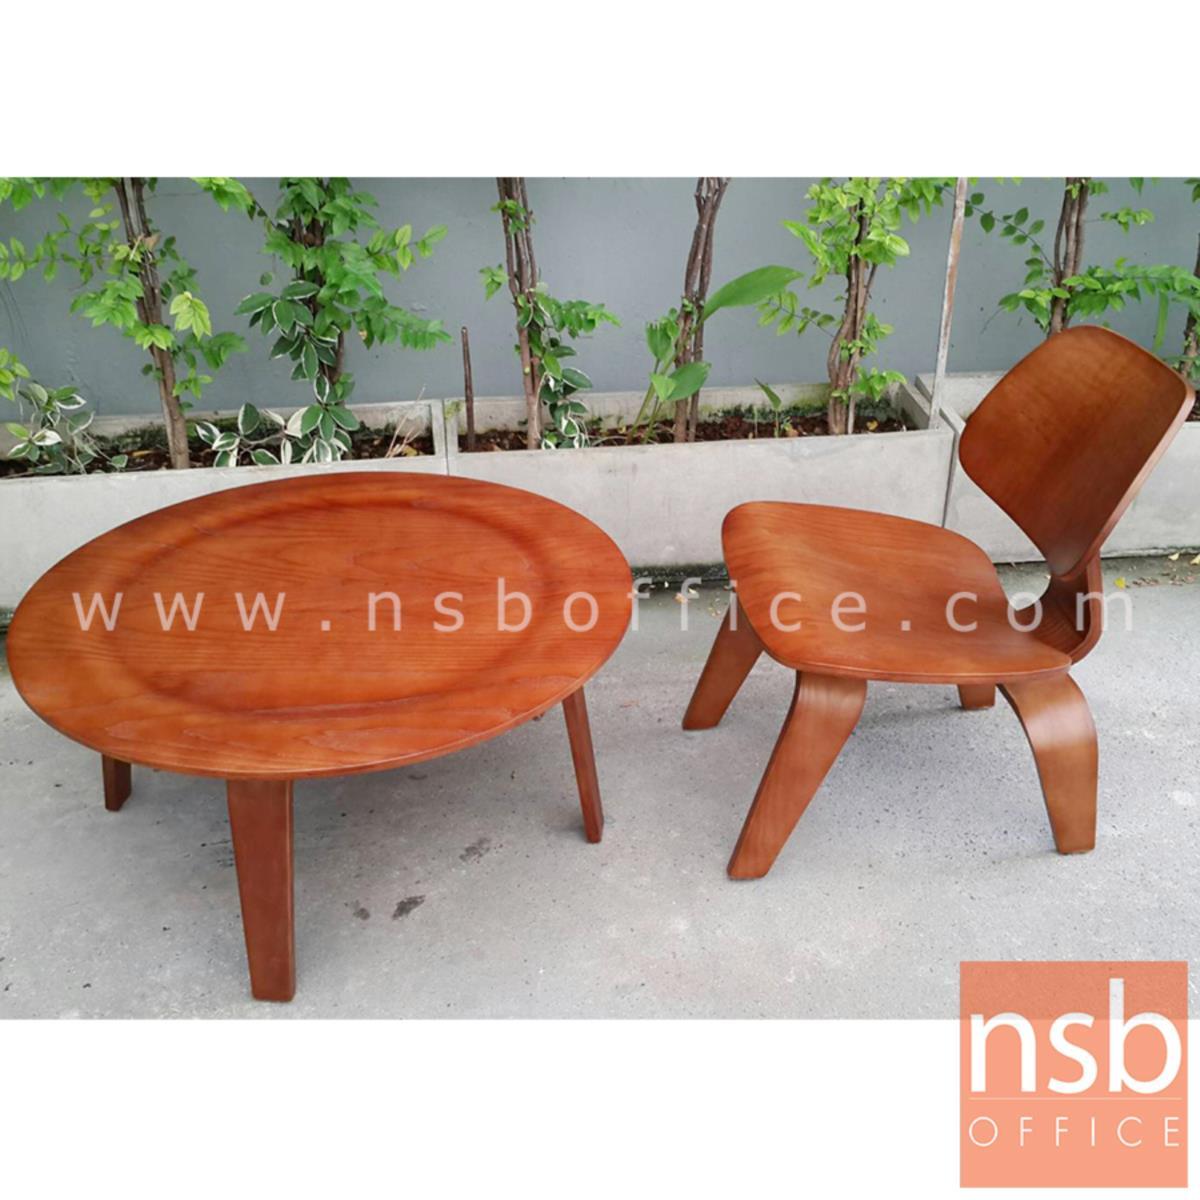 เก้าอี้โมเดิร์นไม้ รุ่น PN-92661 ขนาด 56W cm. โครงขาไม้